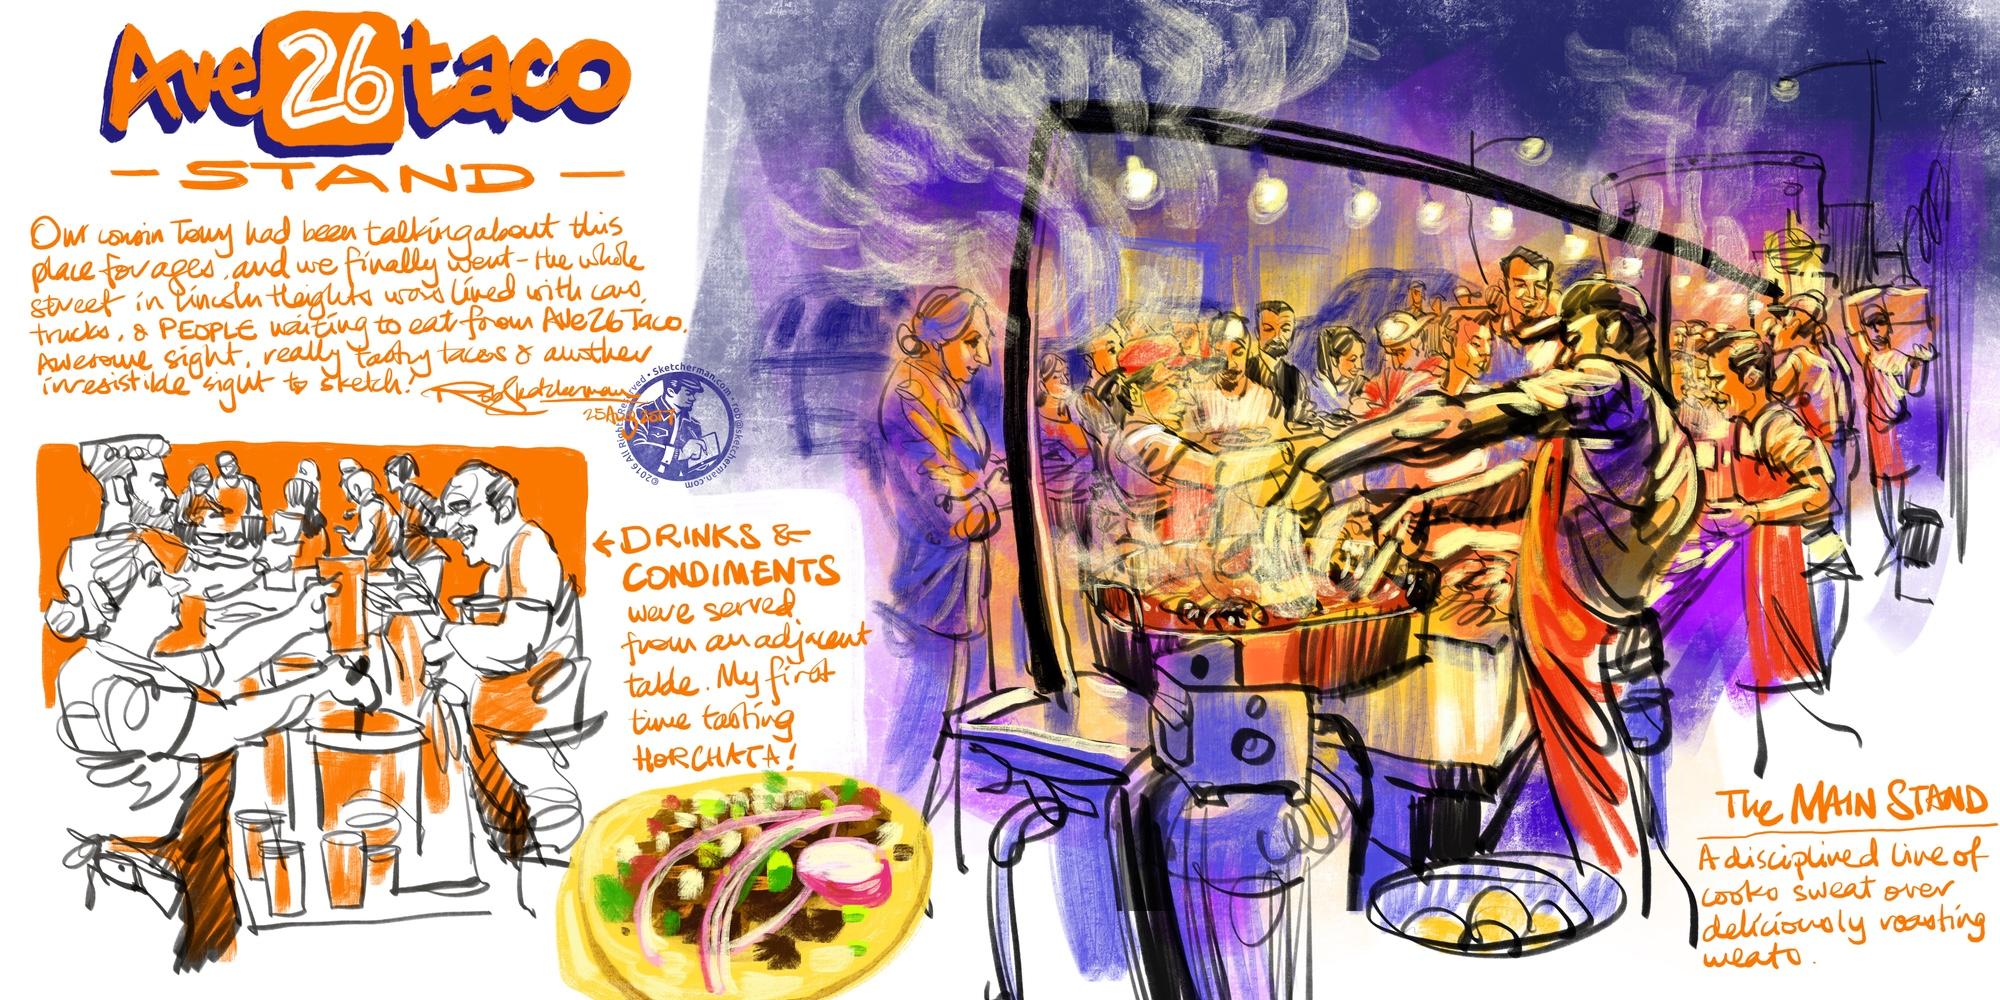 LA2017-Ave26 Taco-Sketcherman.jpg